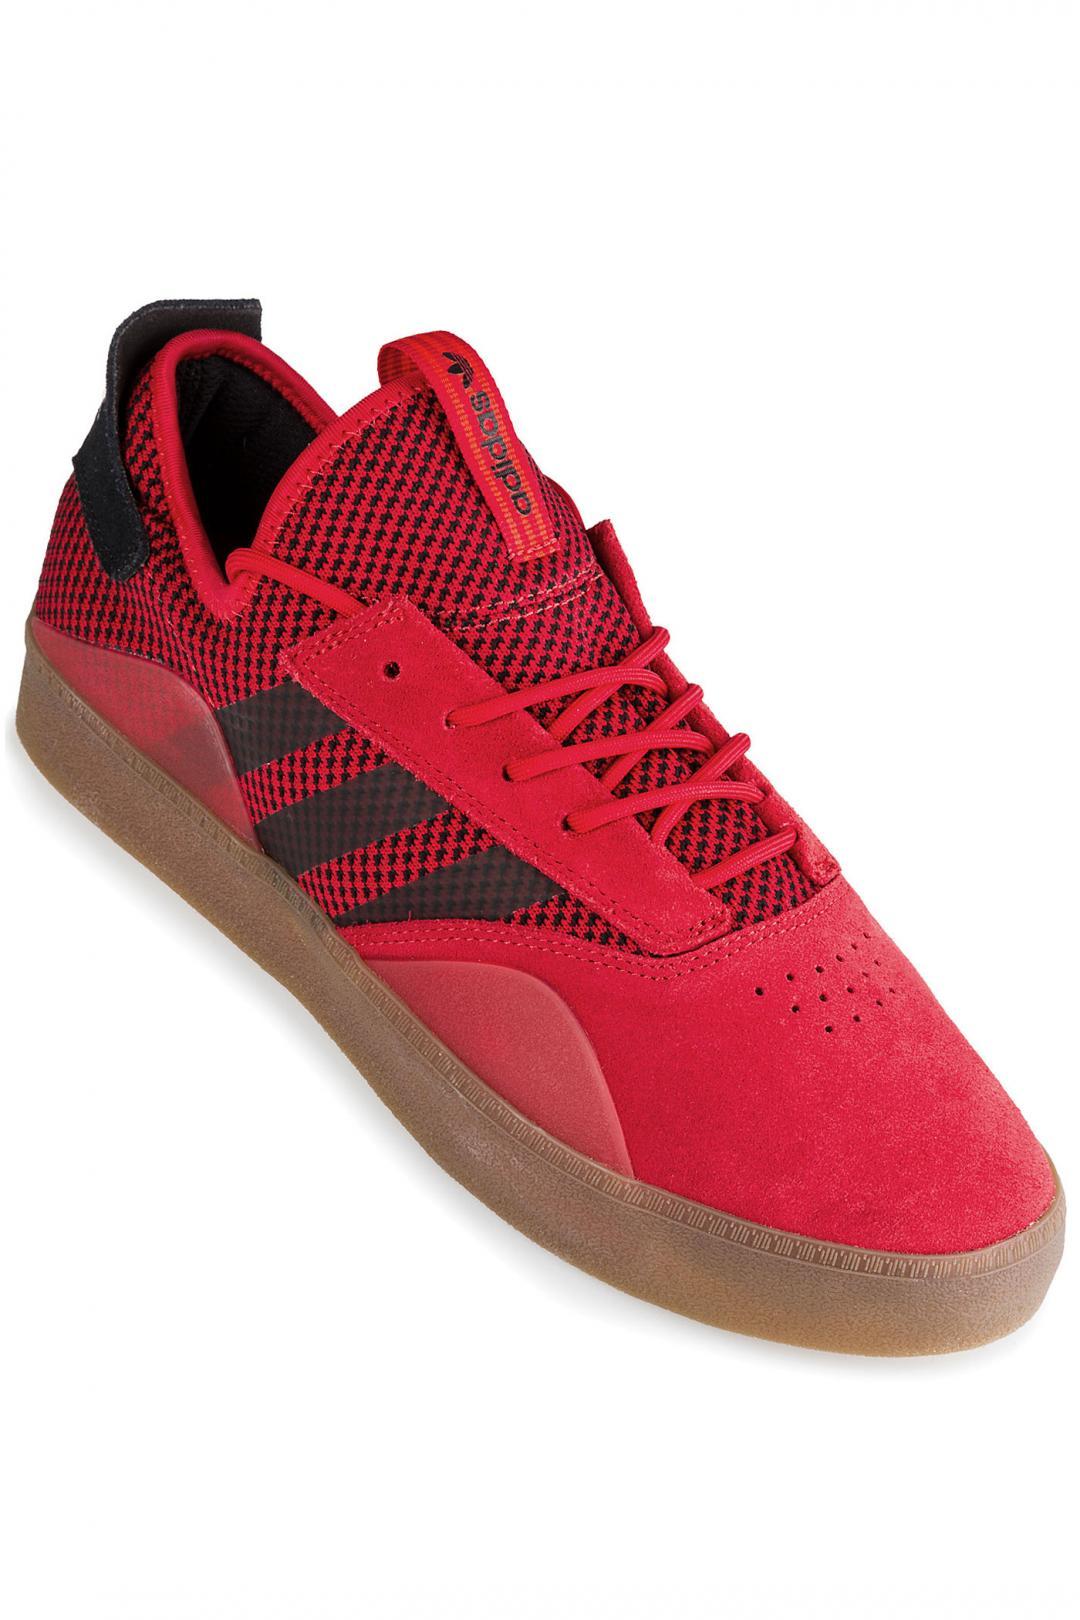 Uomo adidas Skateboarding 3ST.001 scarlet core black gum | Scarpe da skate